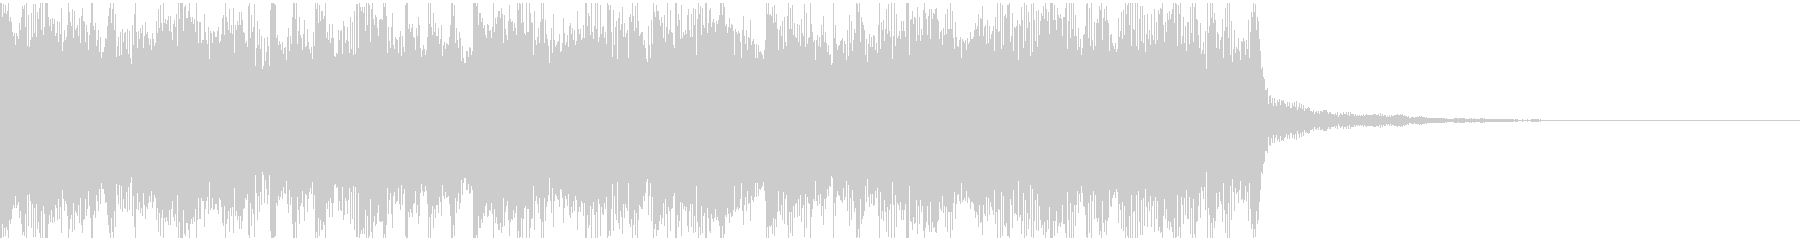 オープニング用サウンドロゴ104の未再生の波形